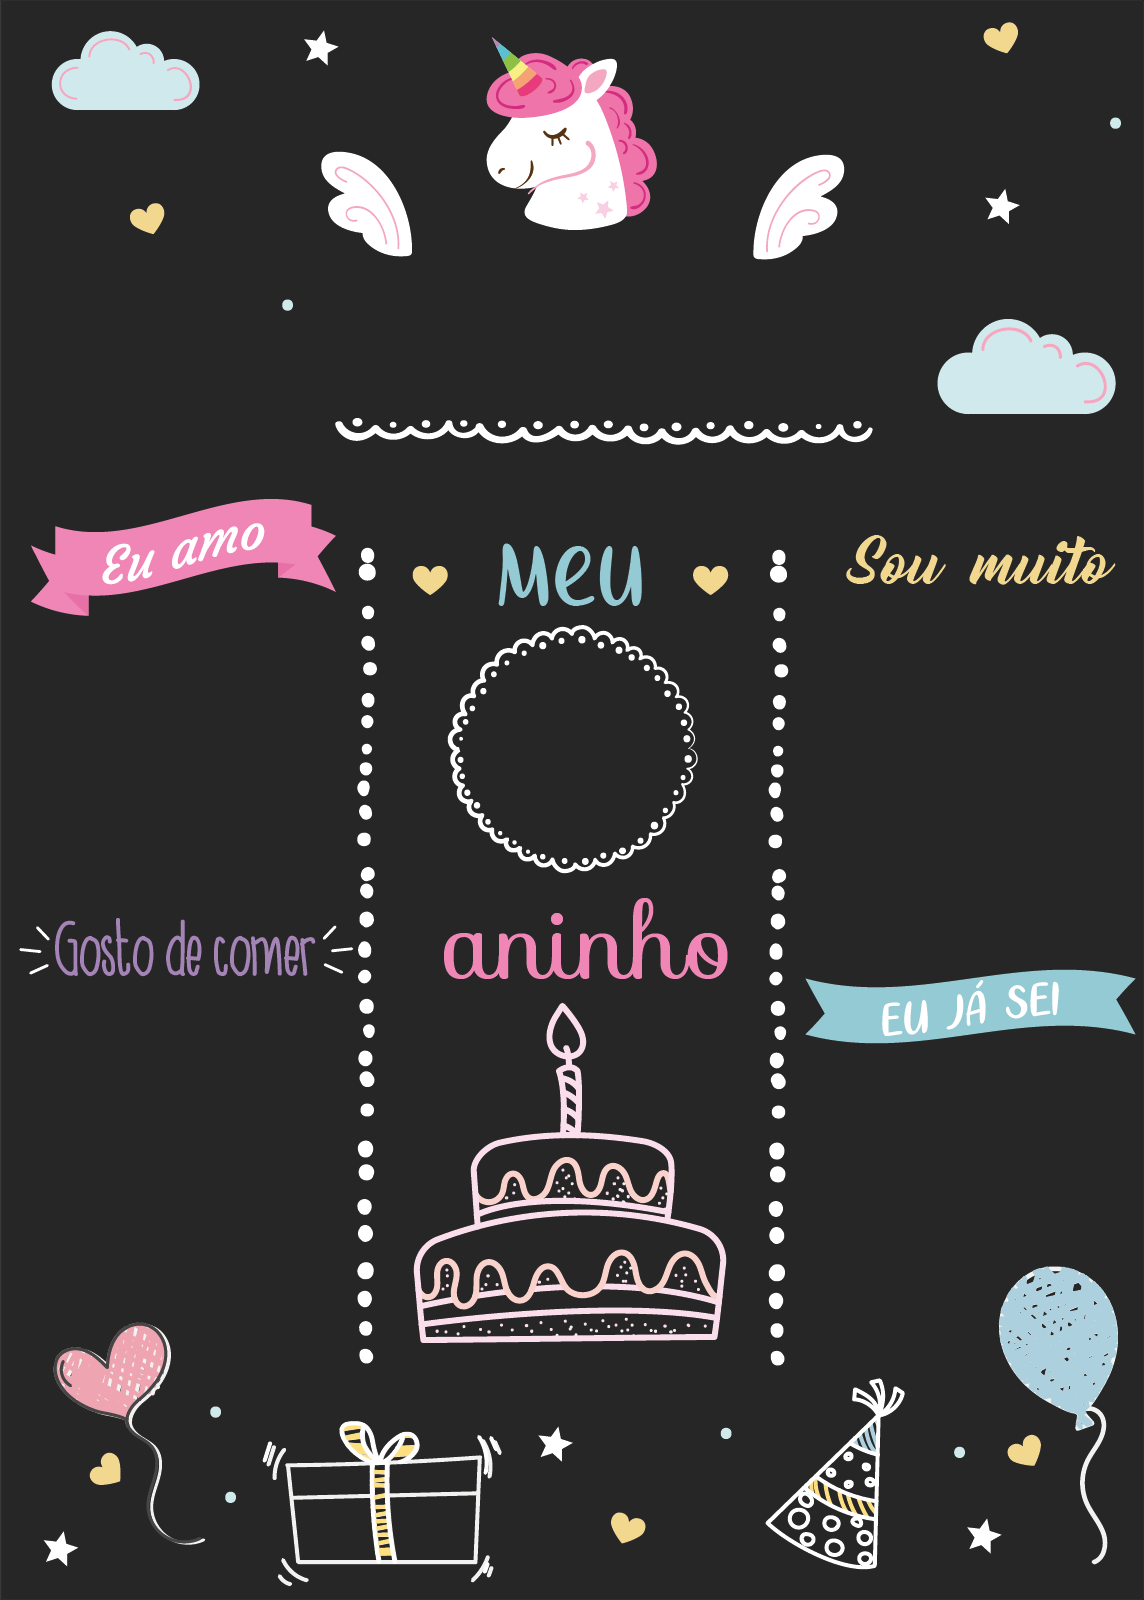 Unicórnio De Madeira Personalizado Lembrança Decoração Aniversário Dia Dos Namorados